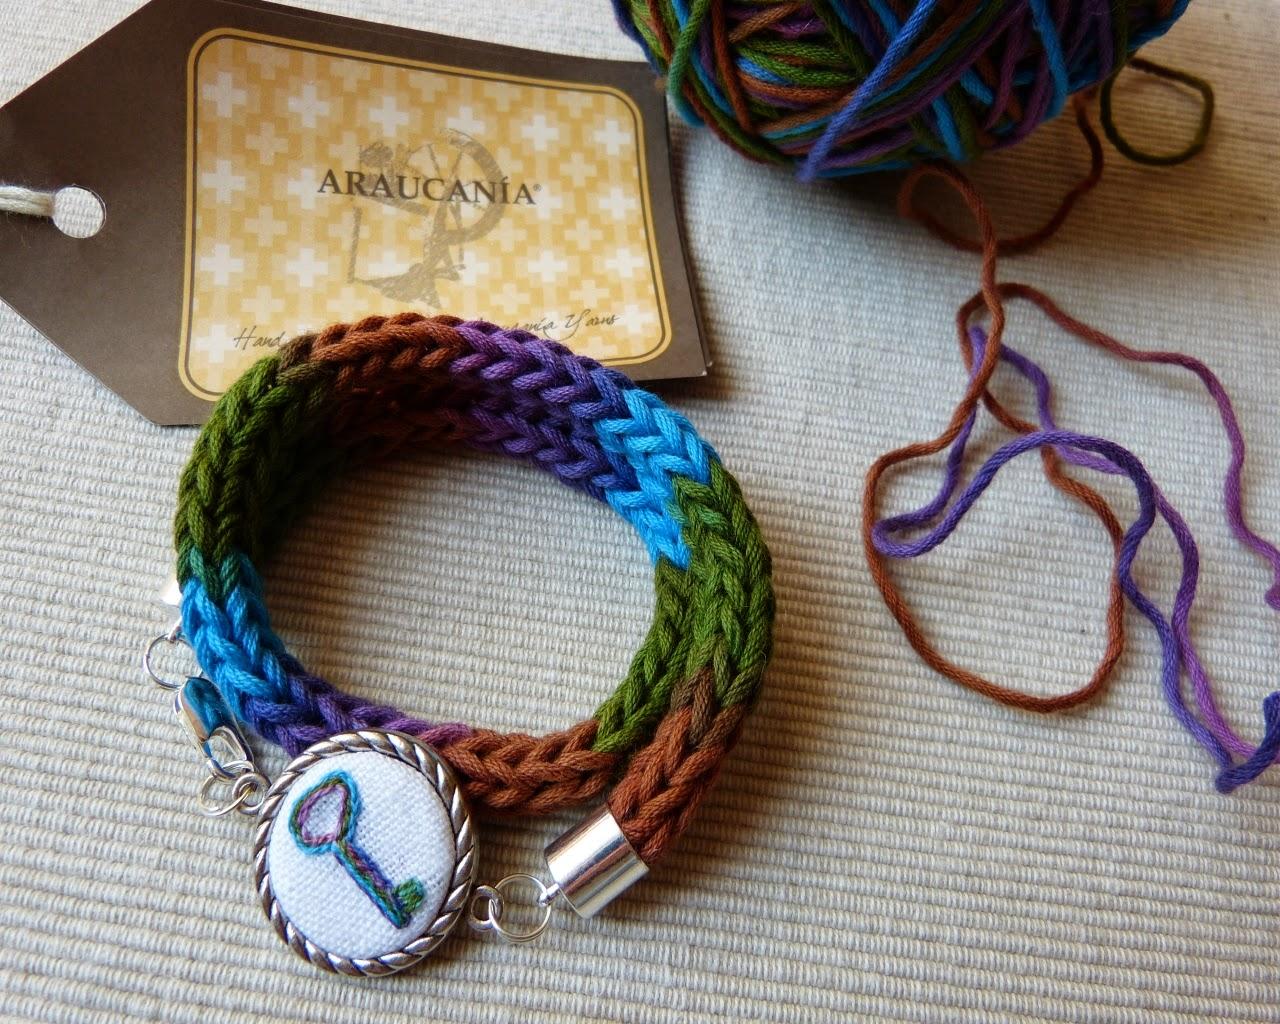 bransoletka na laleczce dziewiarskiej, zawieszka serce na szydełku, dziewiarstwo ręczne, biżuteria z dzianiny, biżuteria z haftem, cieniowana bawełna,